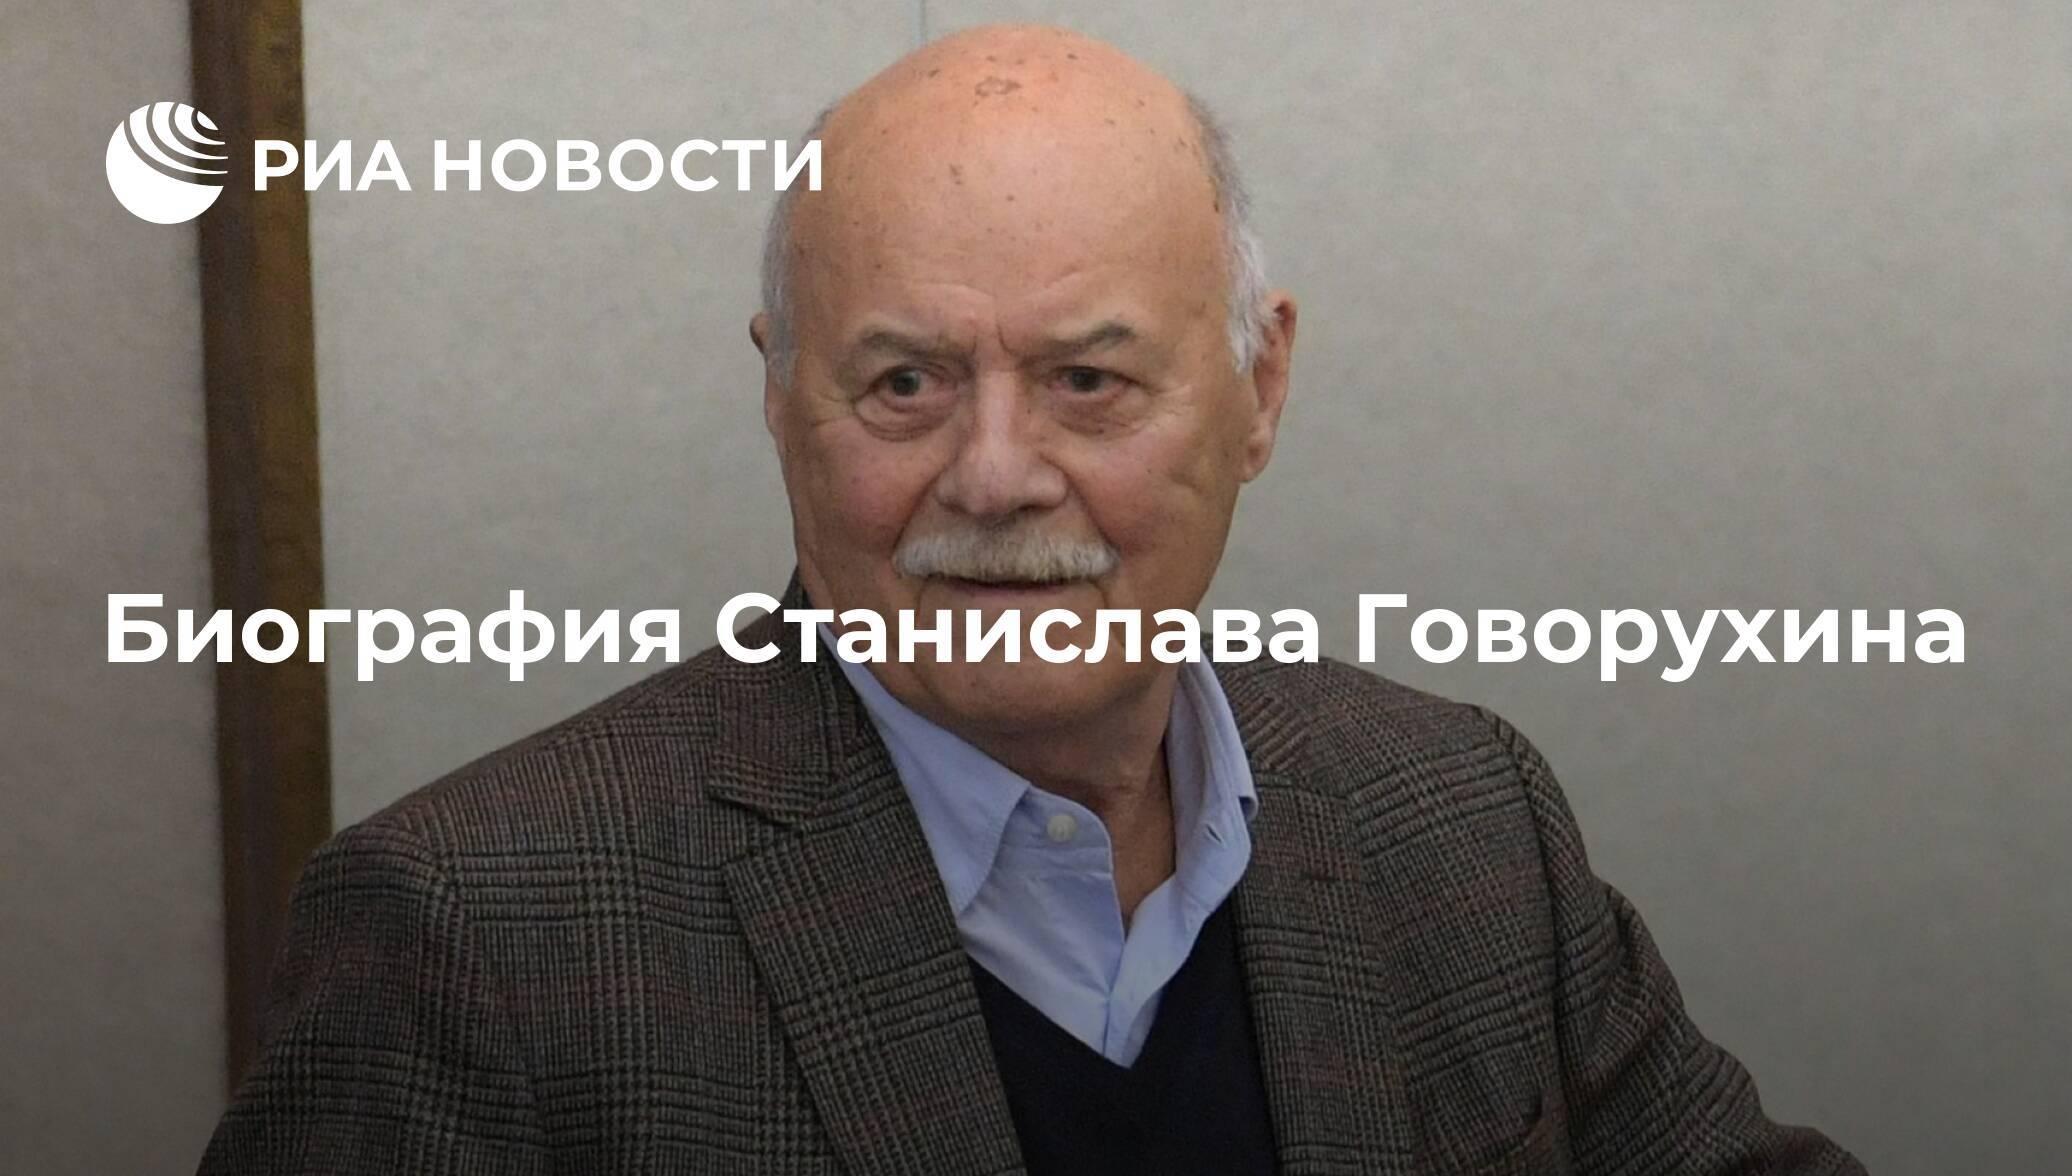 Биография станислава говорухина интересует многих россиян